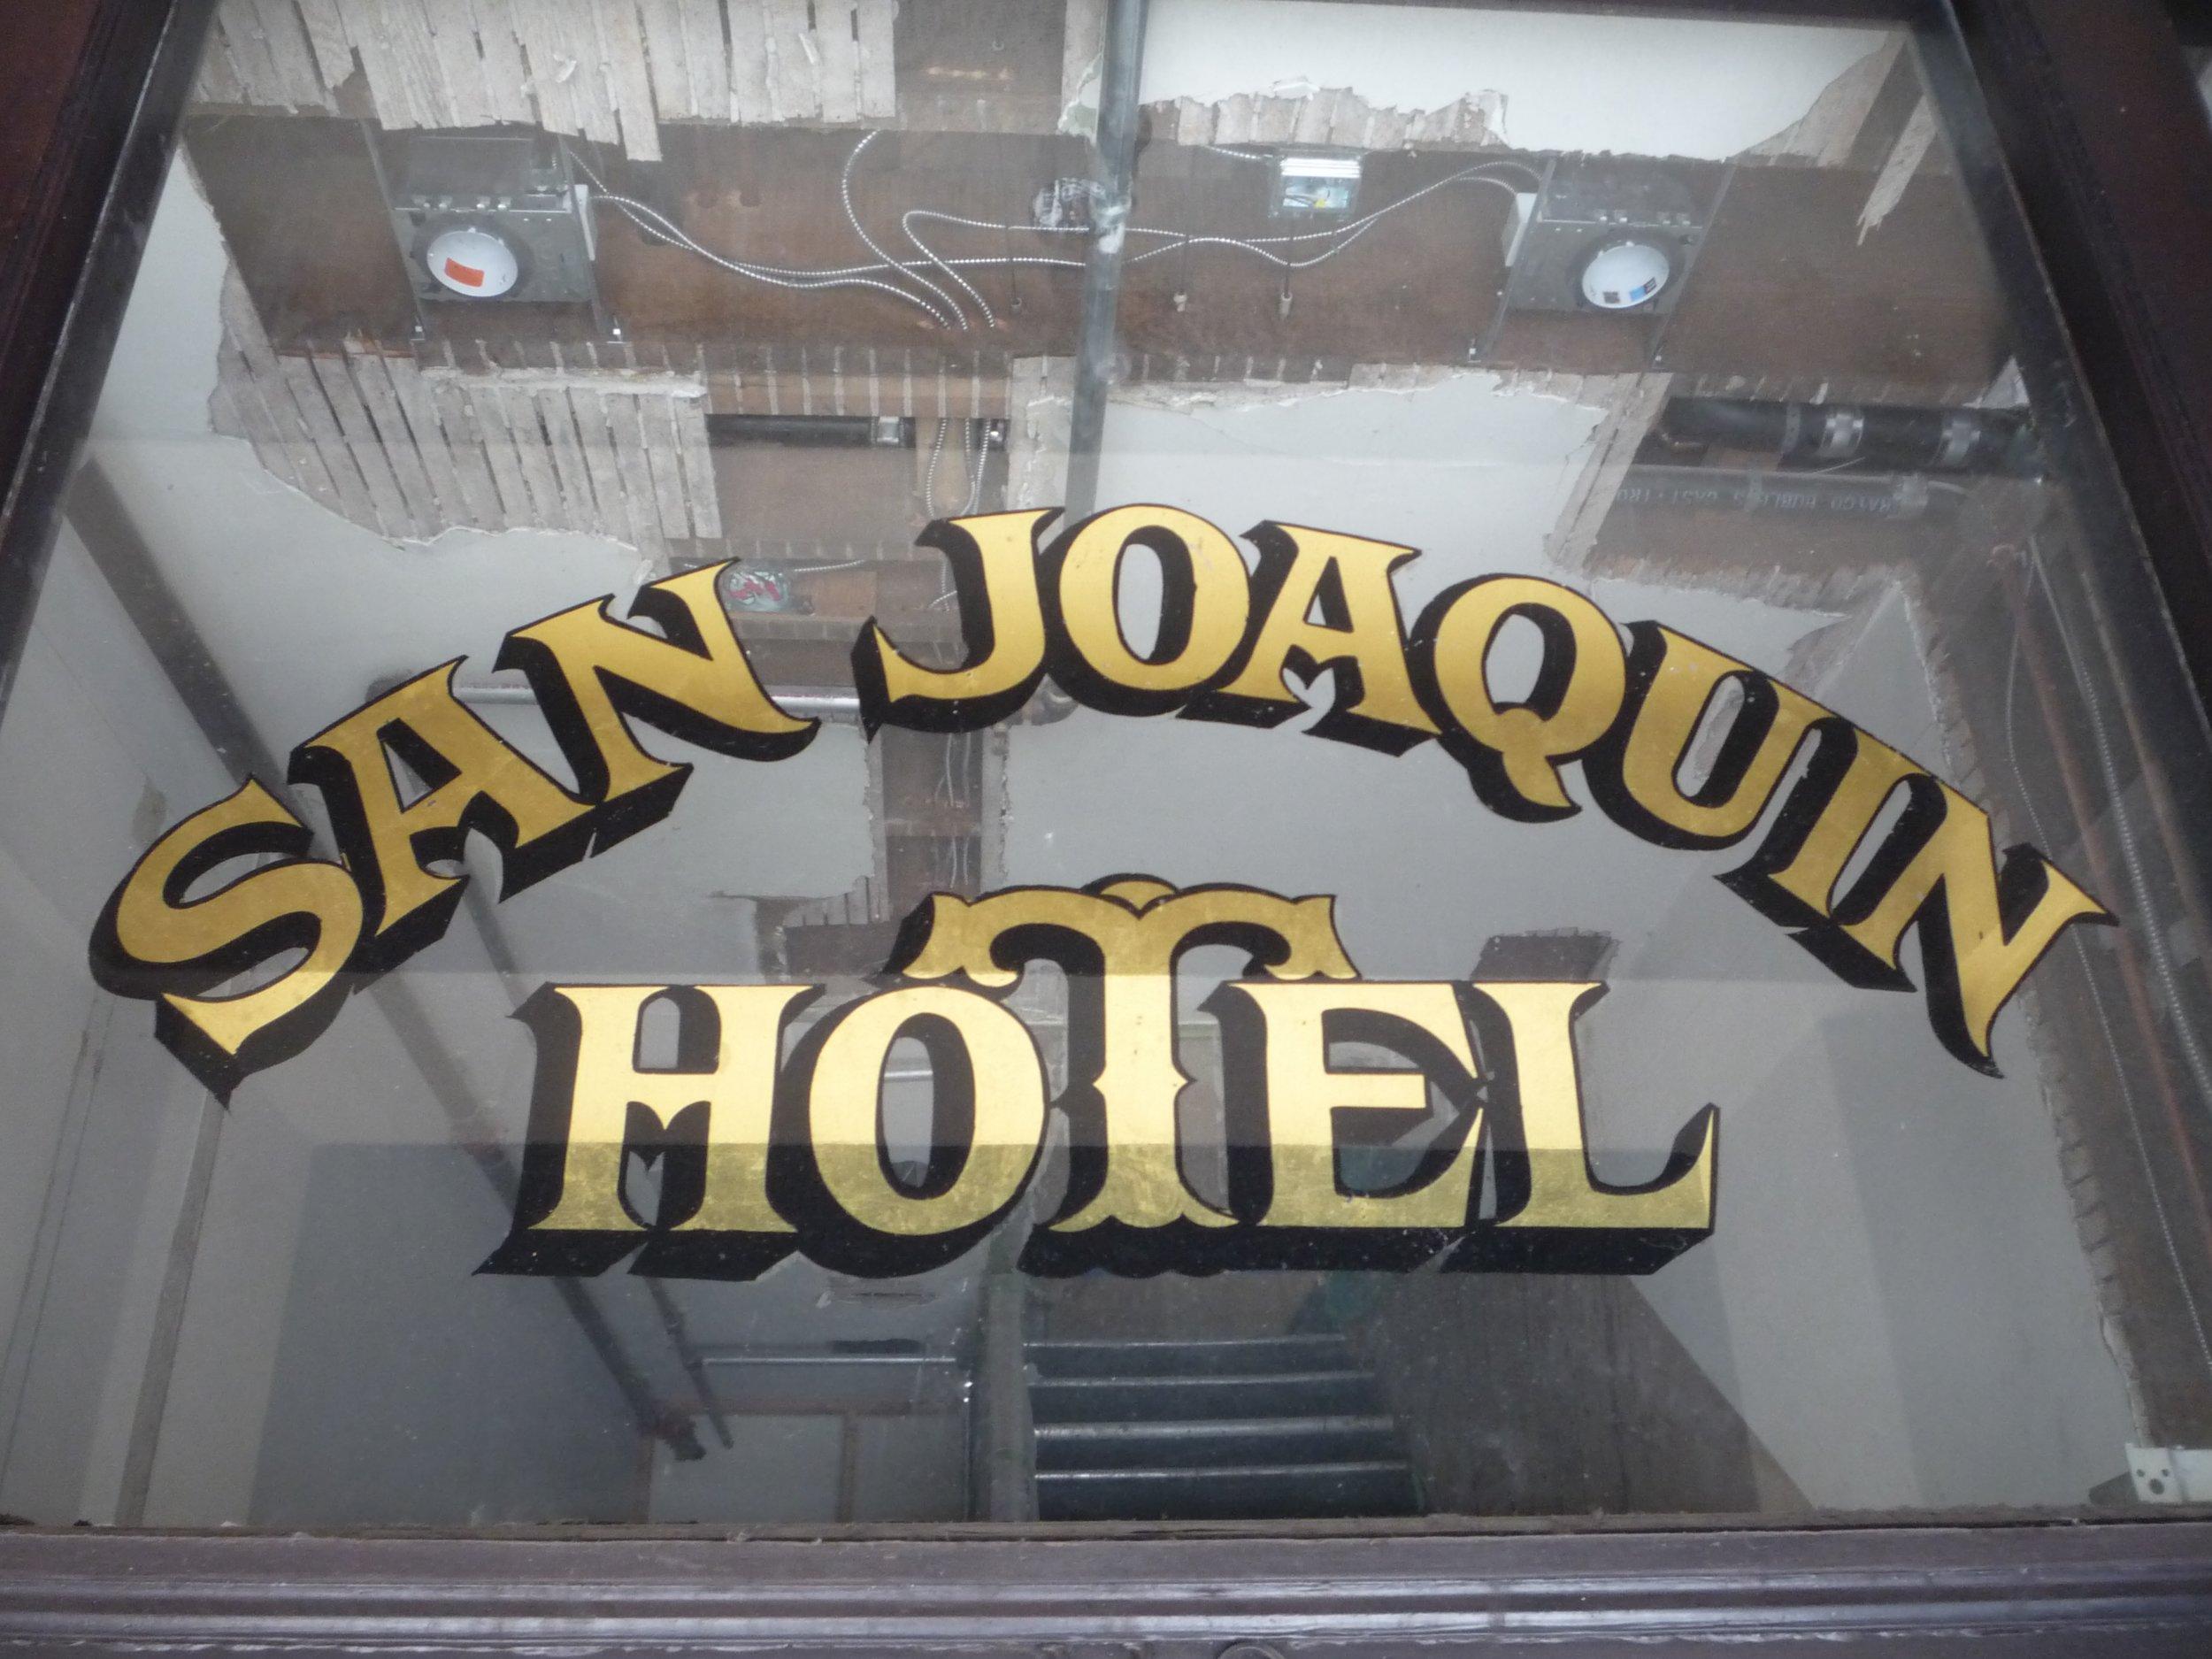 GOLD-san-joaquin-hotel_9352890383_o.jpg